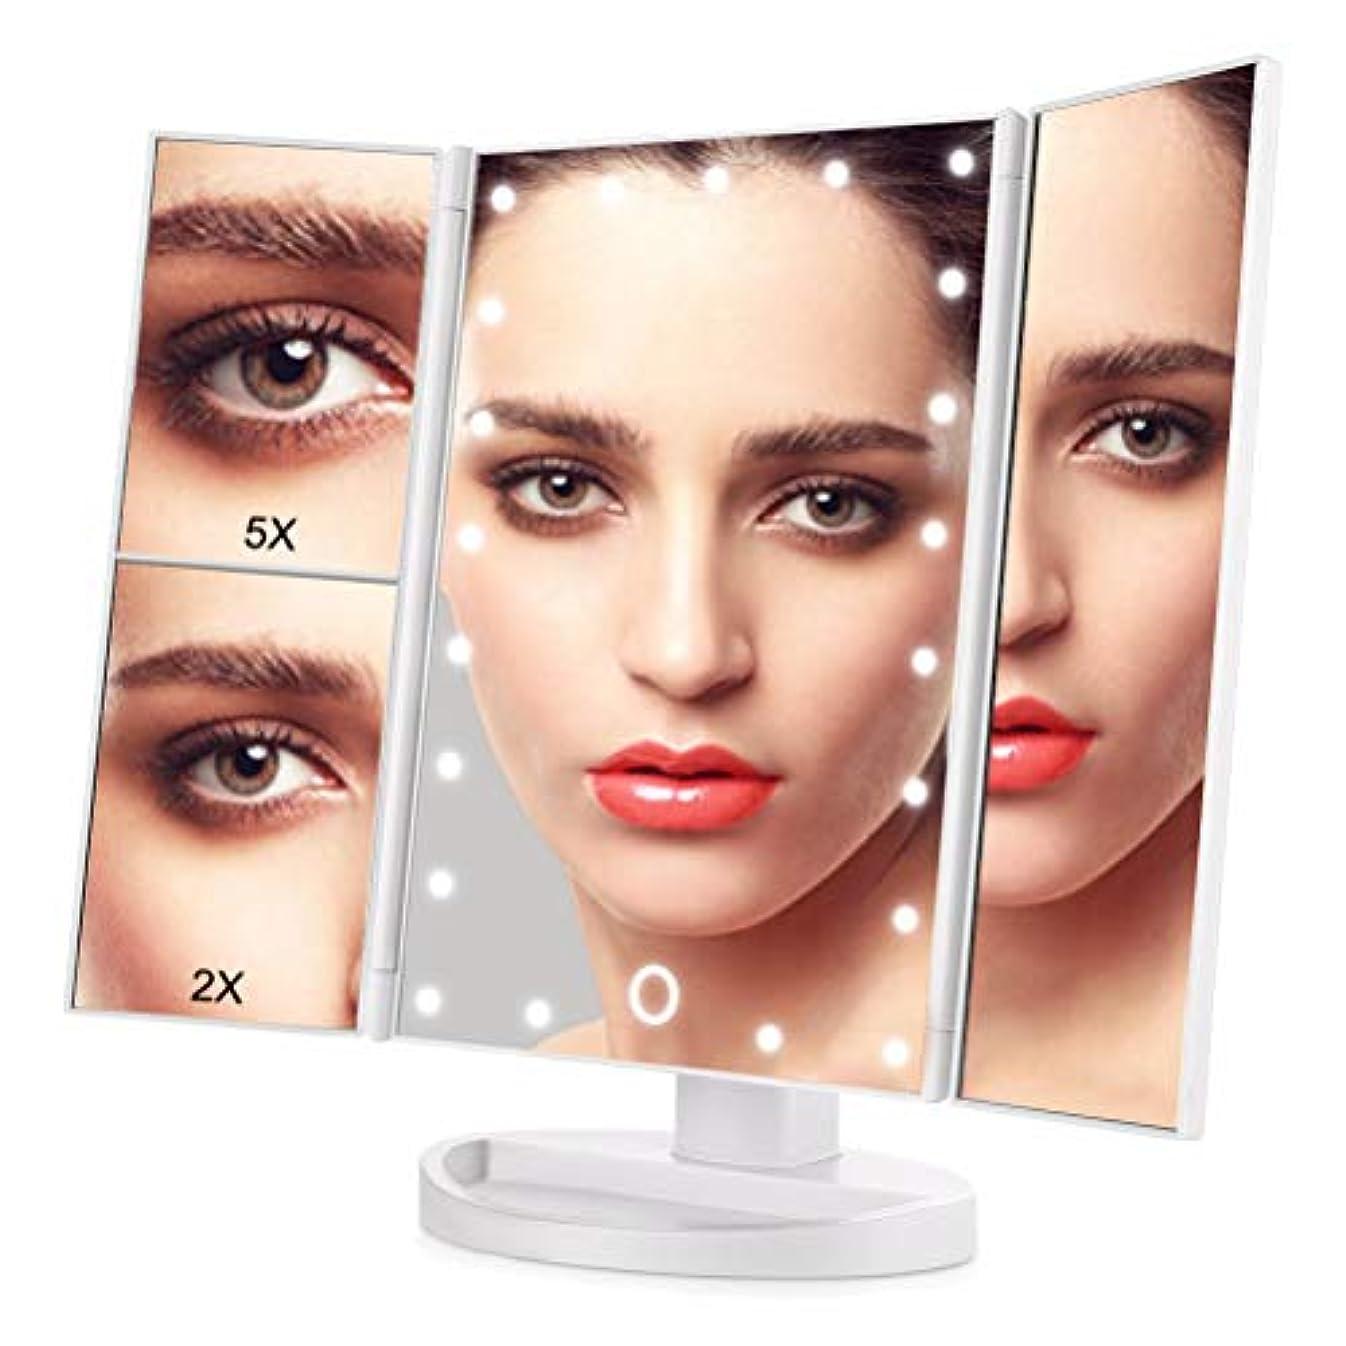 スイ解任アルファベットOKISS 三面鏡 化粧鏡 卓上 ミラー 鏡 ledライト 化粧ミラー メイクアップミラー 2倍と5倍拡大鏡付き 明るさ調節可能 折り畳み式 180°回転 USB/単4電池給電